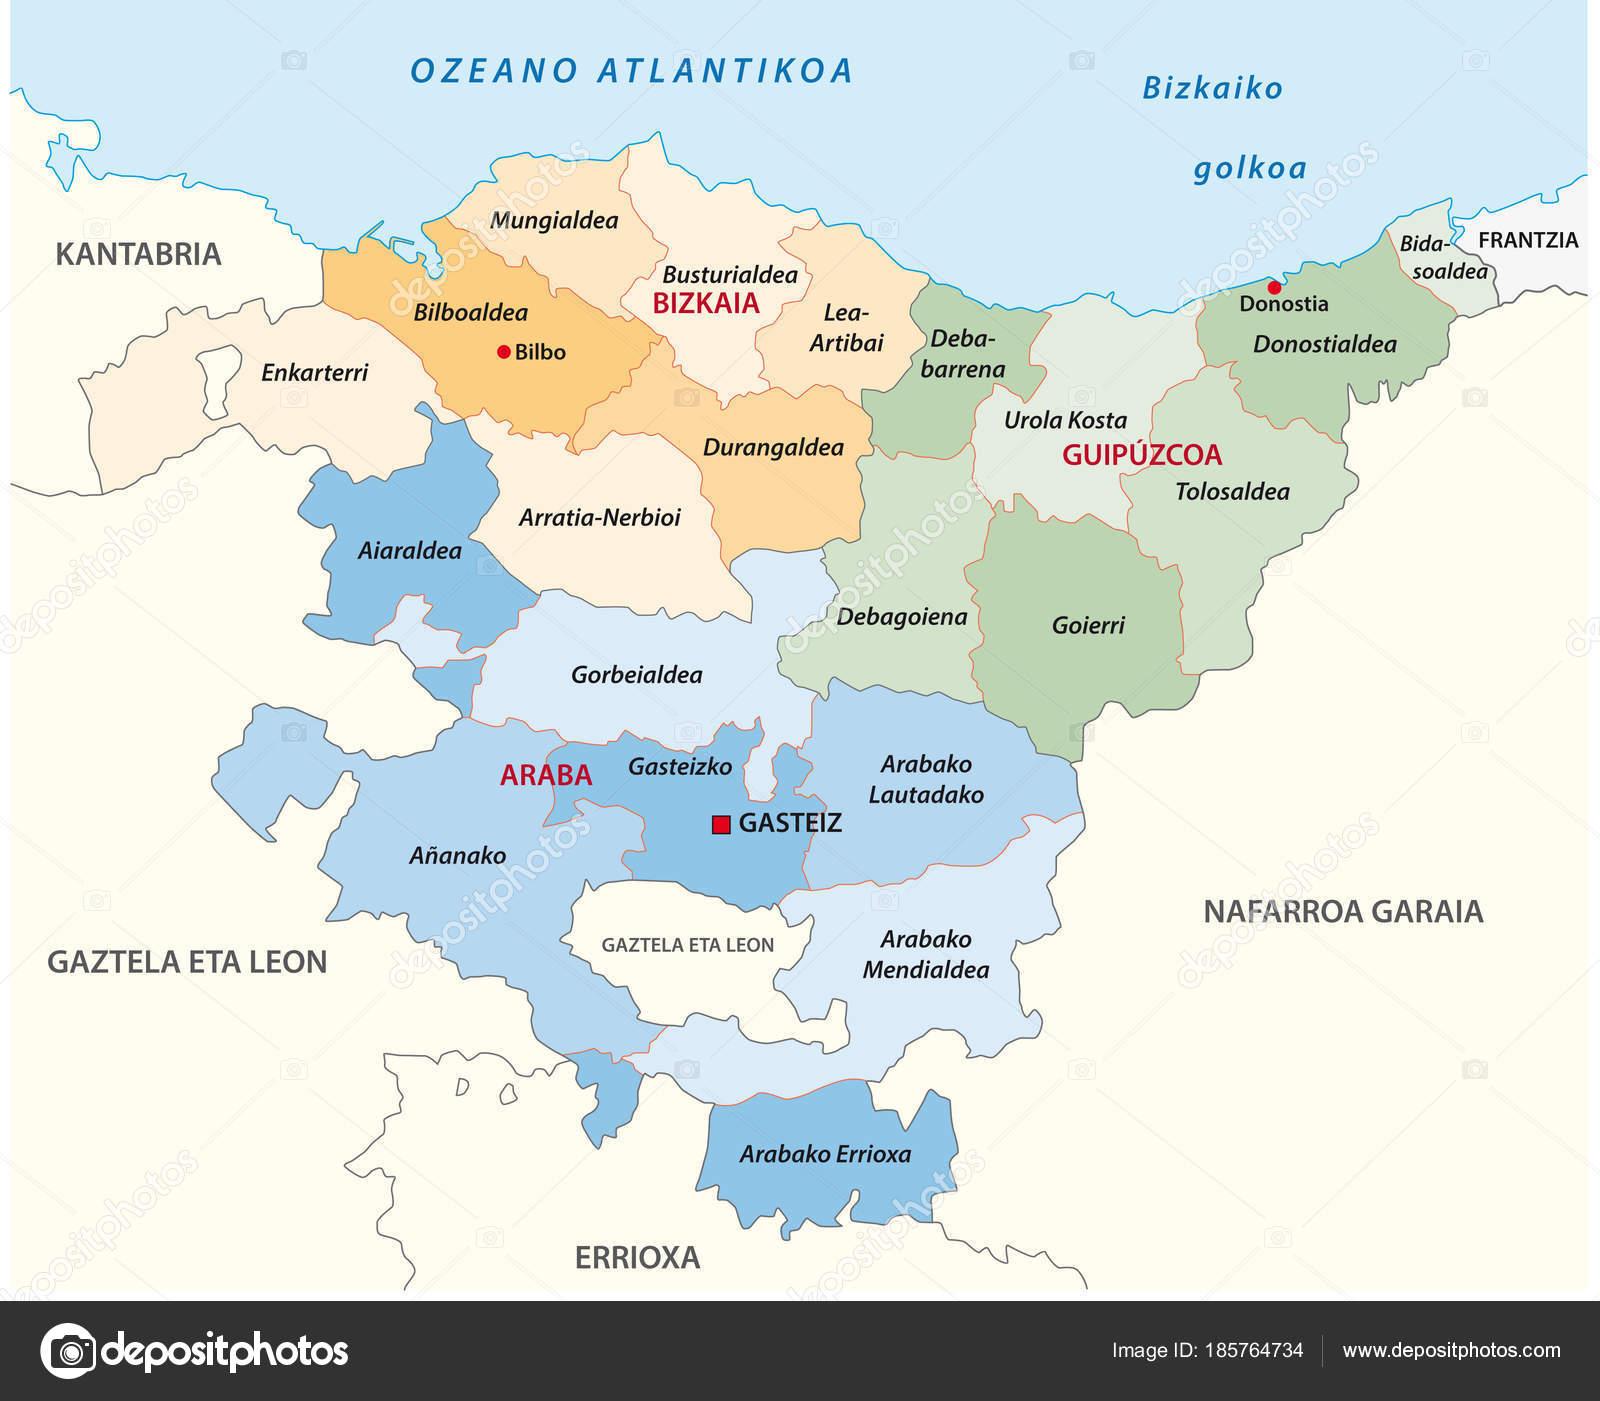 pais basco mapa Mapa Vetor Administrativos Políticos País Basco Língua Basca  pais basco mapa